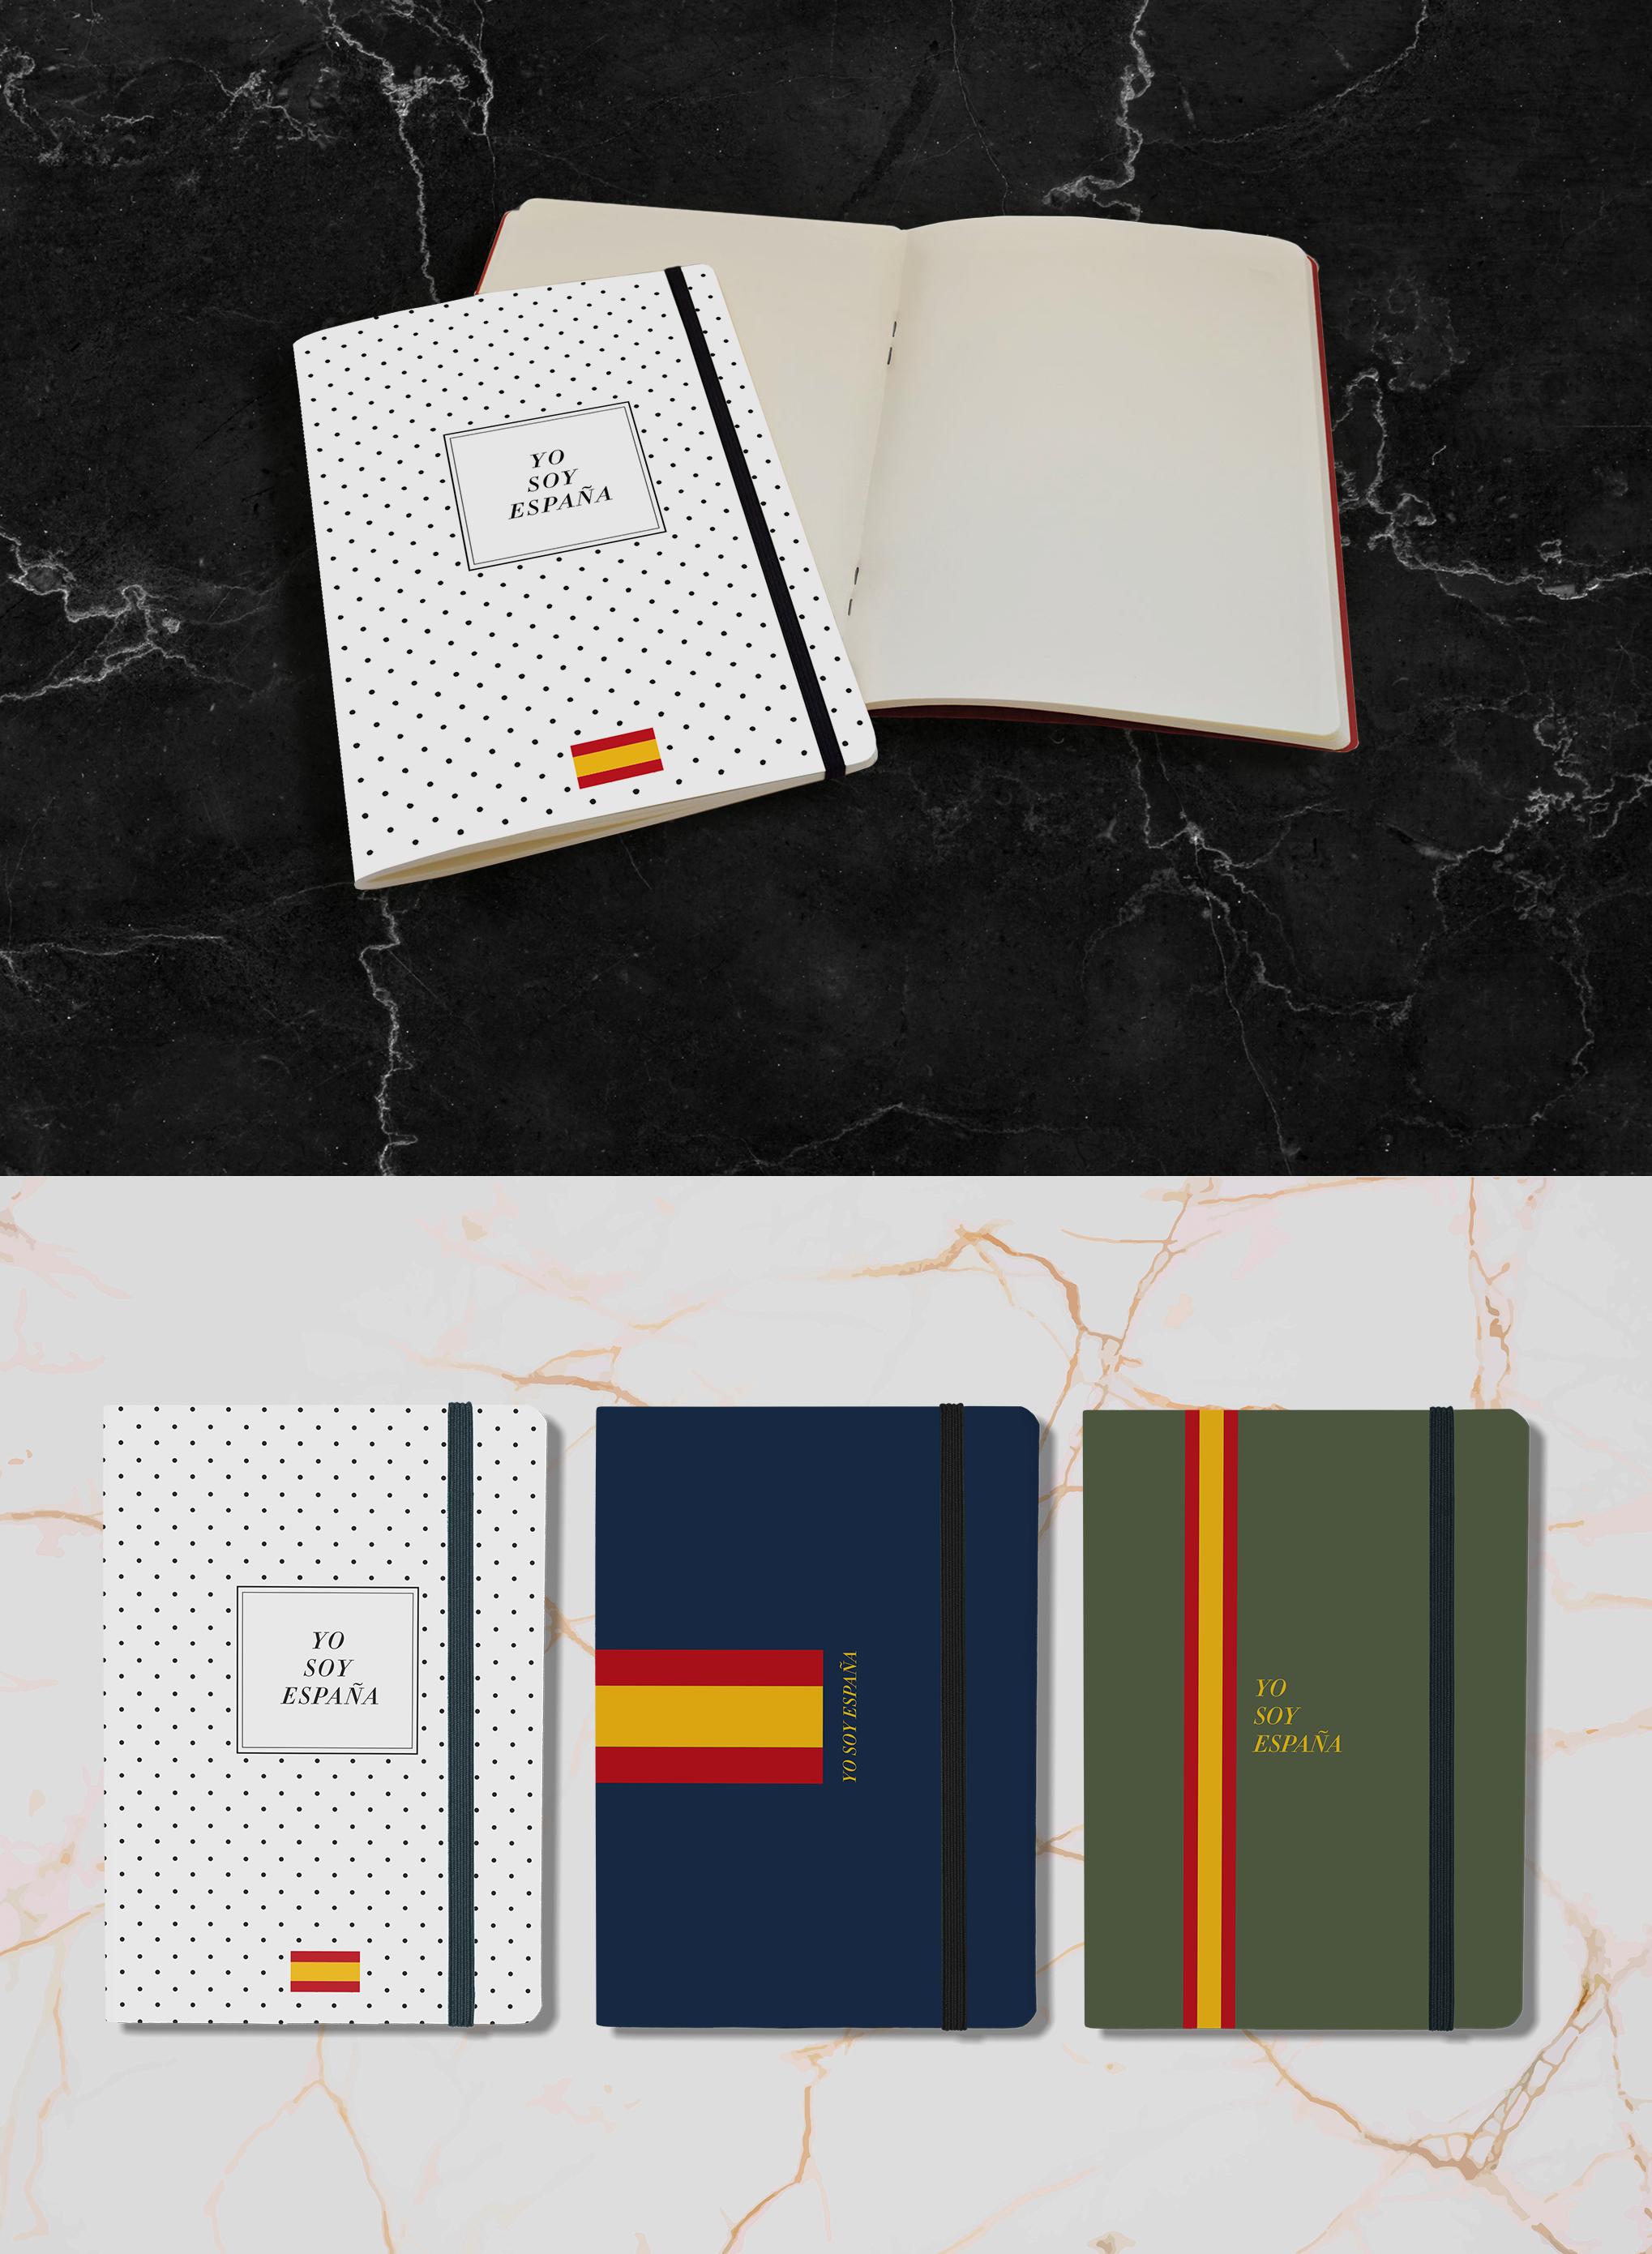 Diseño y producción de producto propio Forletter